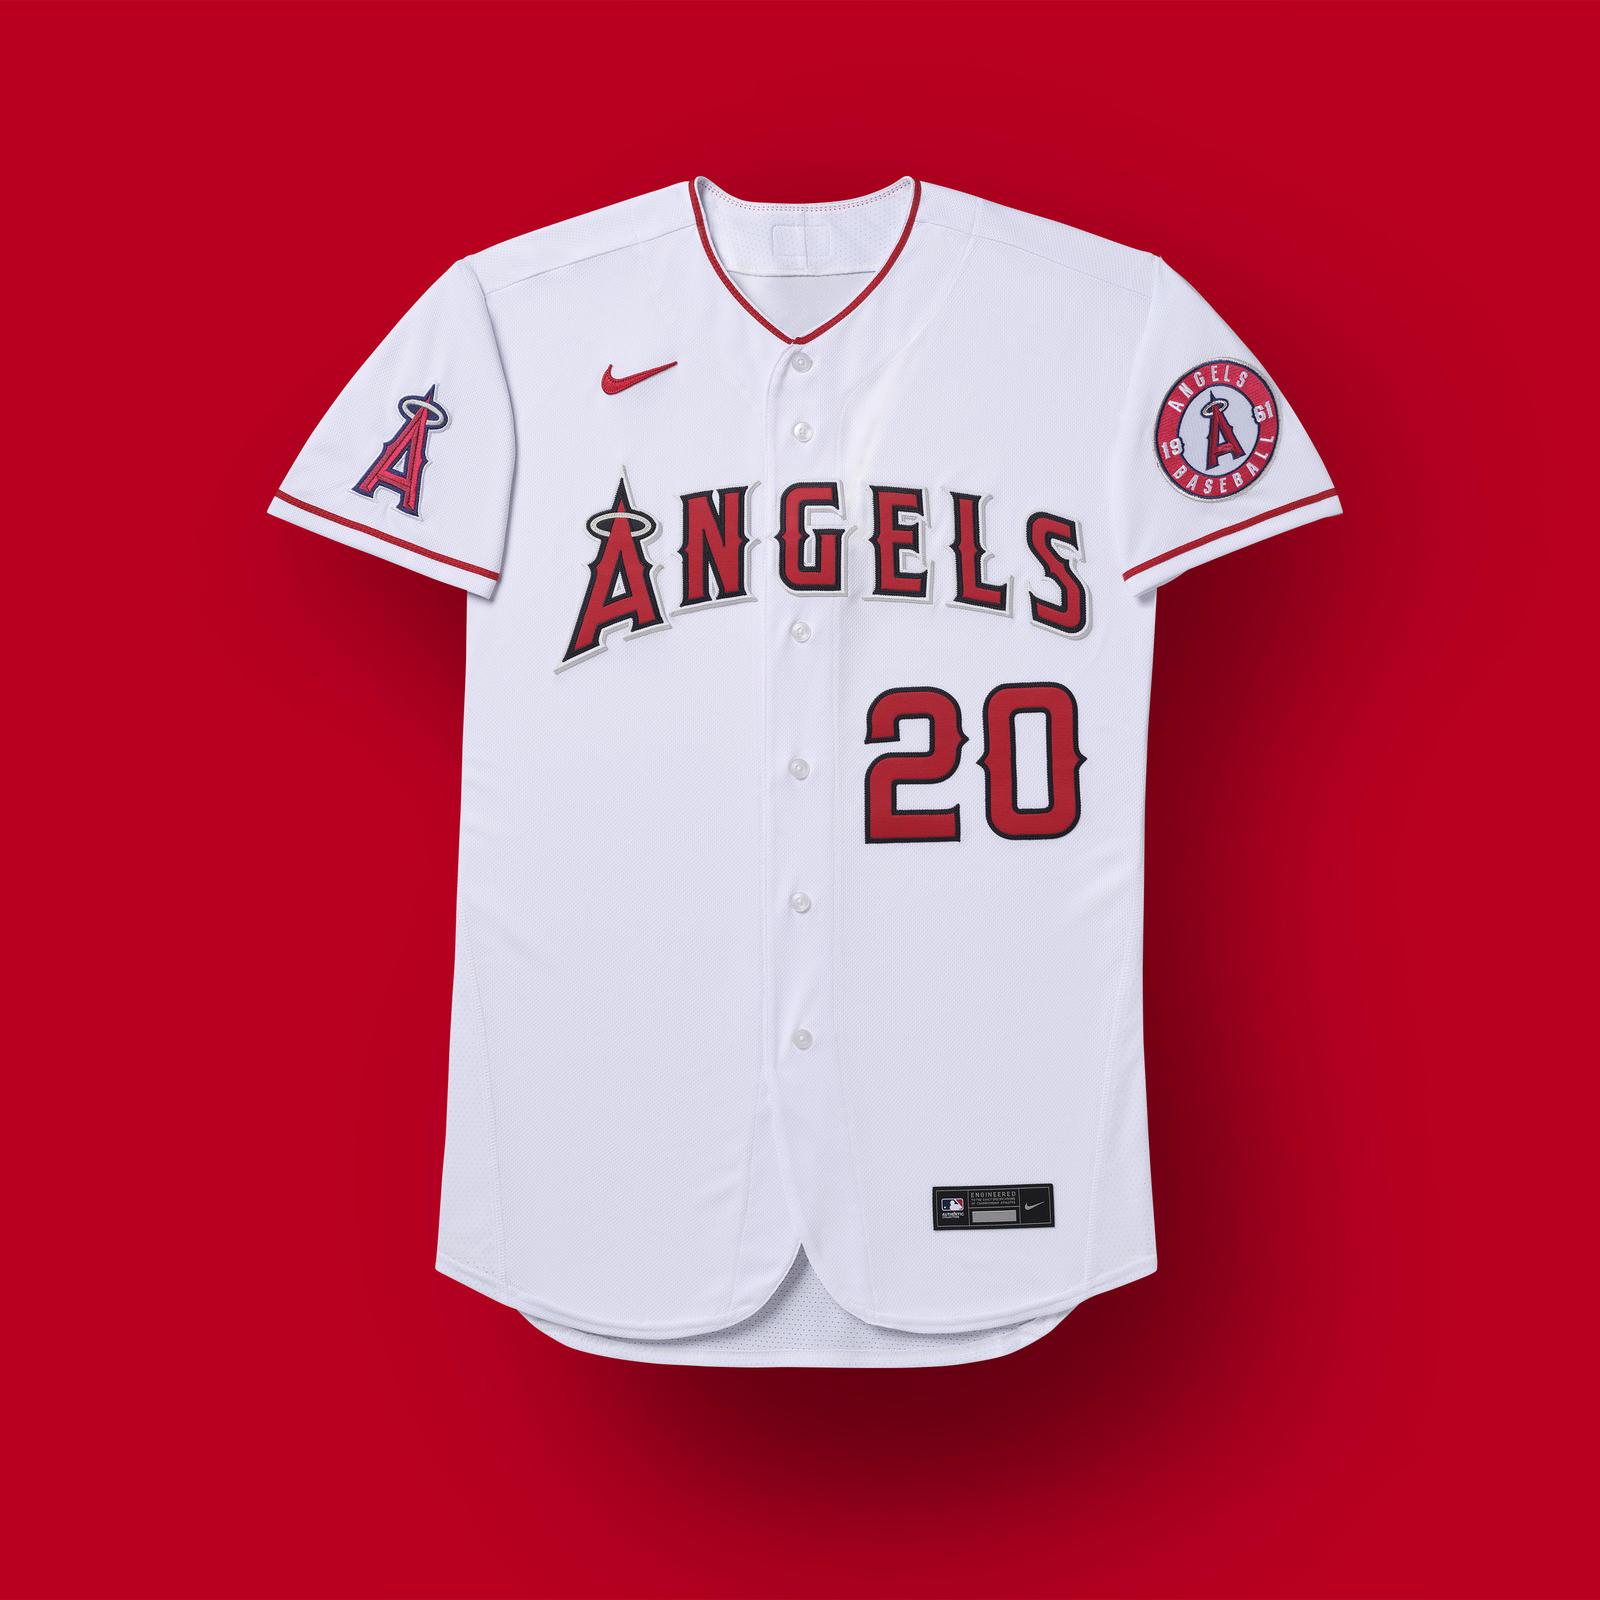 Nike x Major League Baseball Uniforms